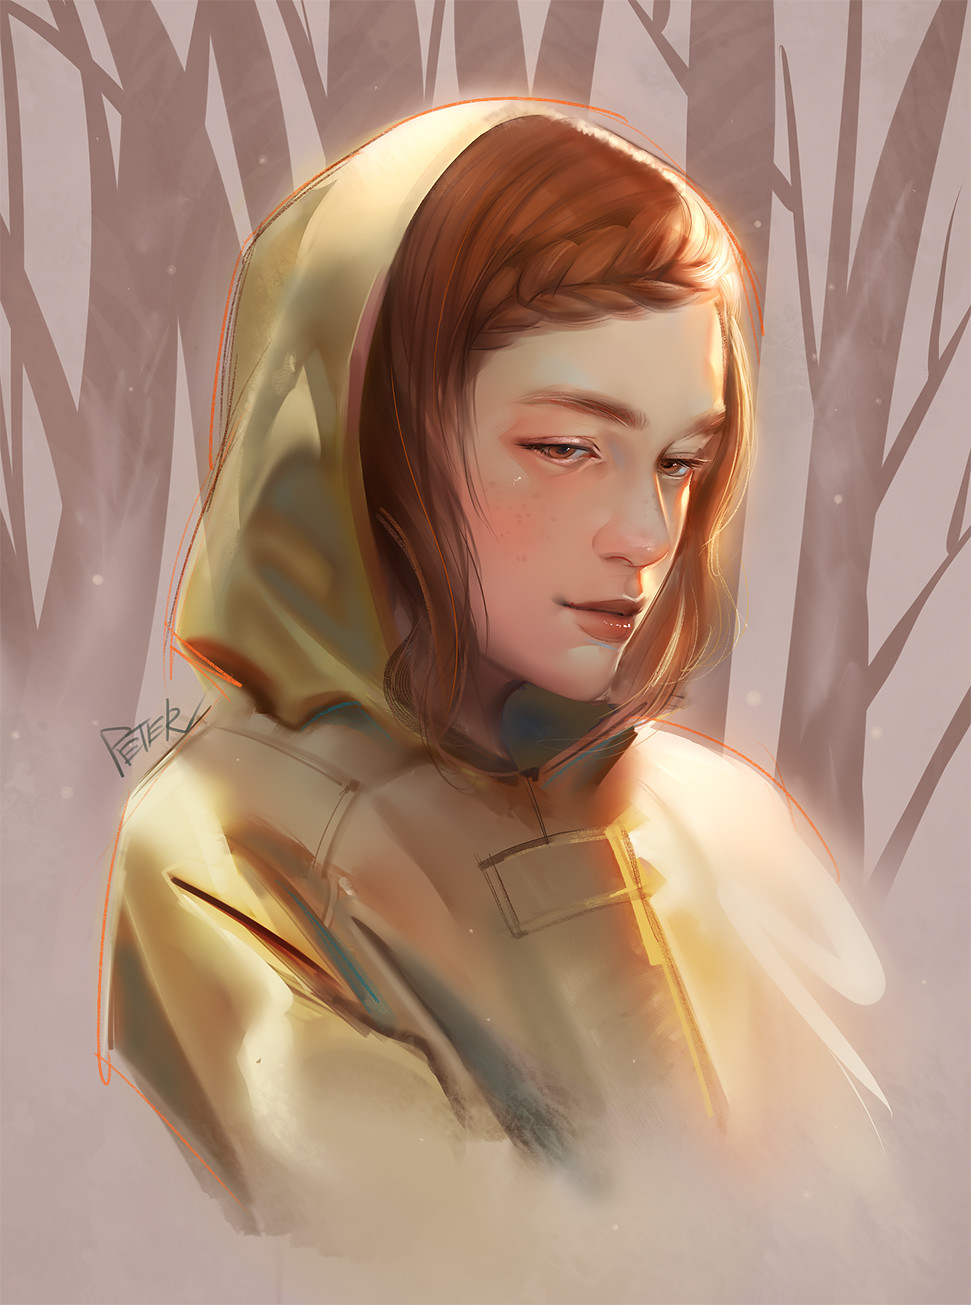 Peter xiao 507